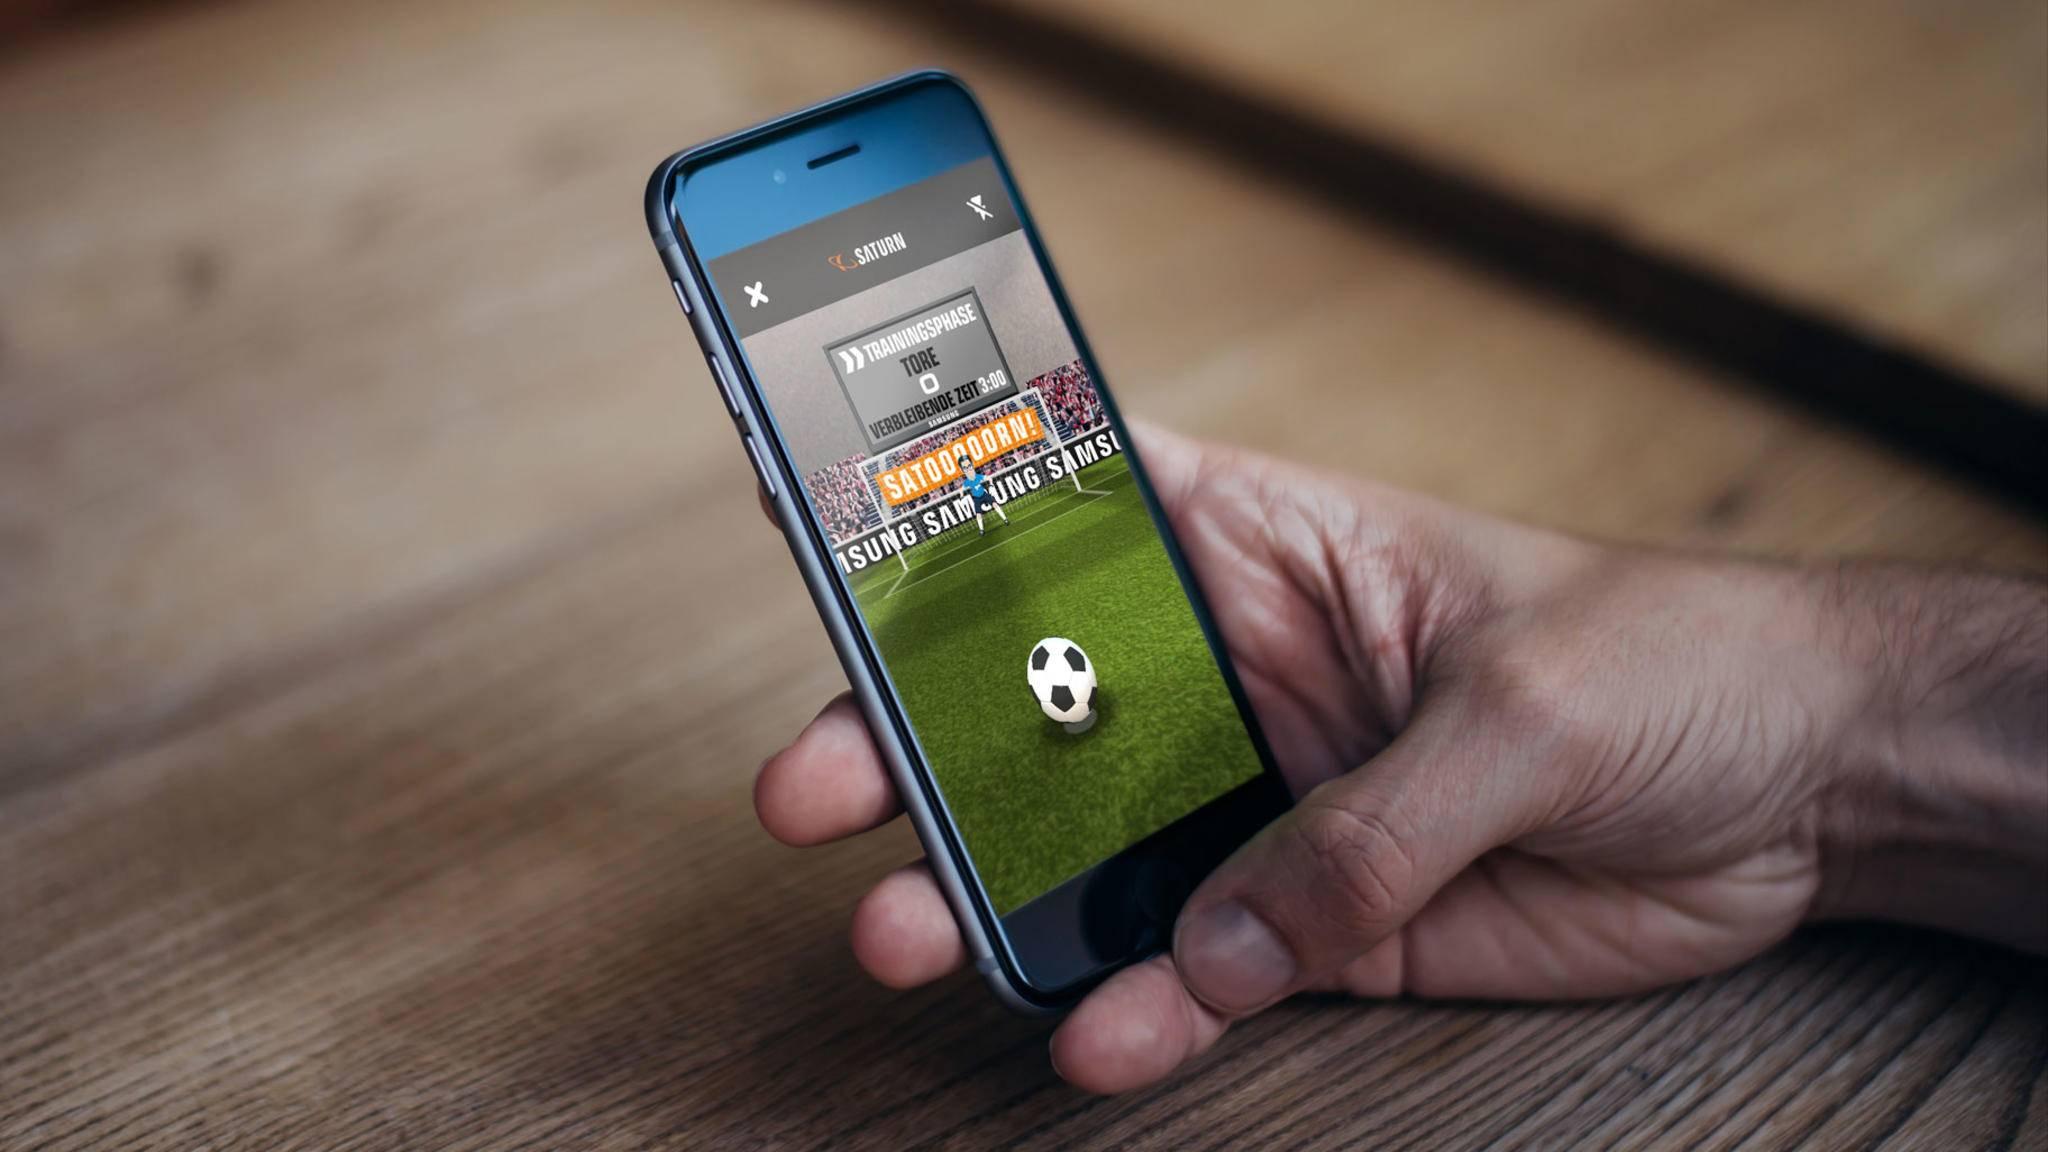 Kurzer Spaß für zwischendurch: Für die WM 2018 gibt es einige spannende Apps.